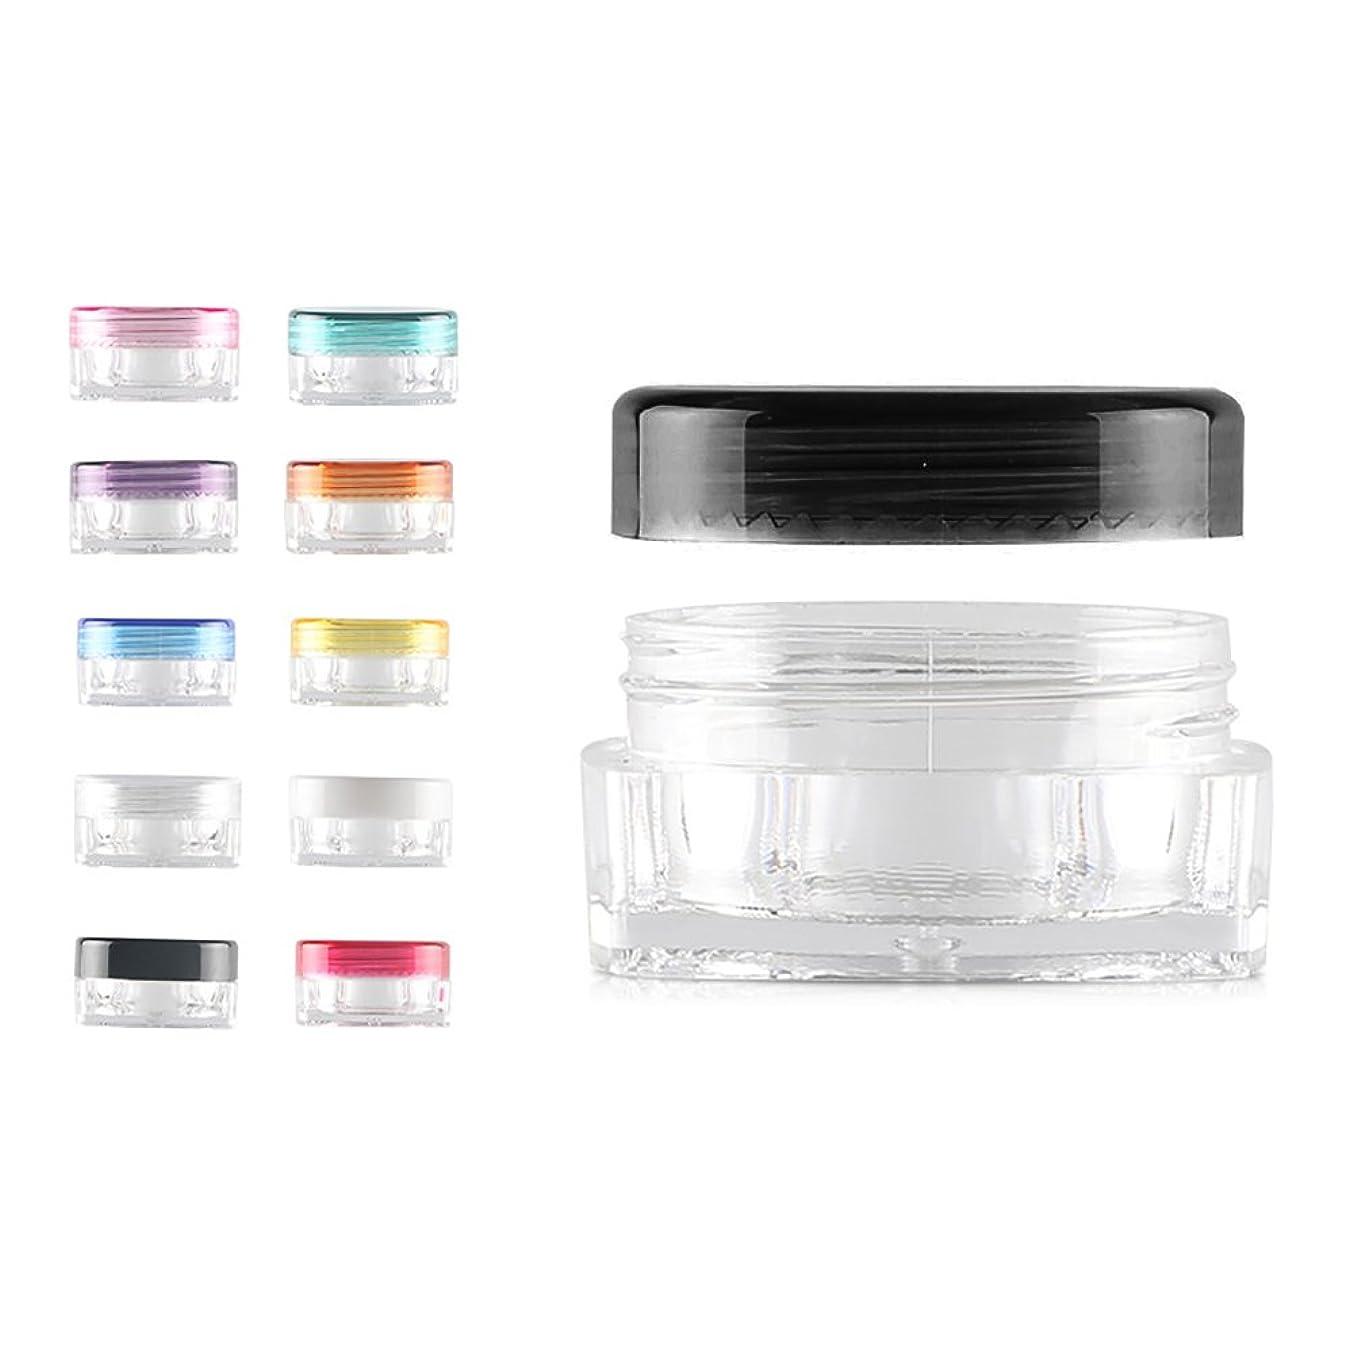 コマンドピーク証明書12 PCS熱望薄型デザインミニリップクリームサンプルコンテナ クリーム ネイルアート製品(3g 5g) BPAフリー用トラベル化粧品の瓶 - ブラック - 3g